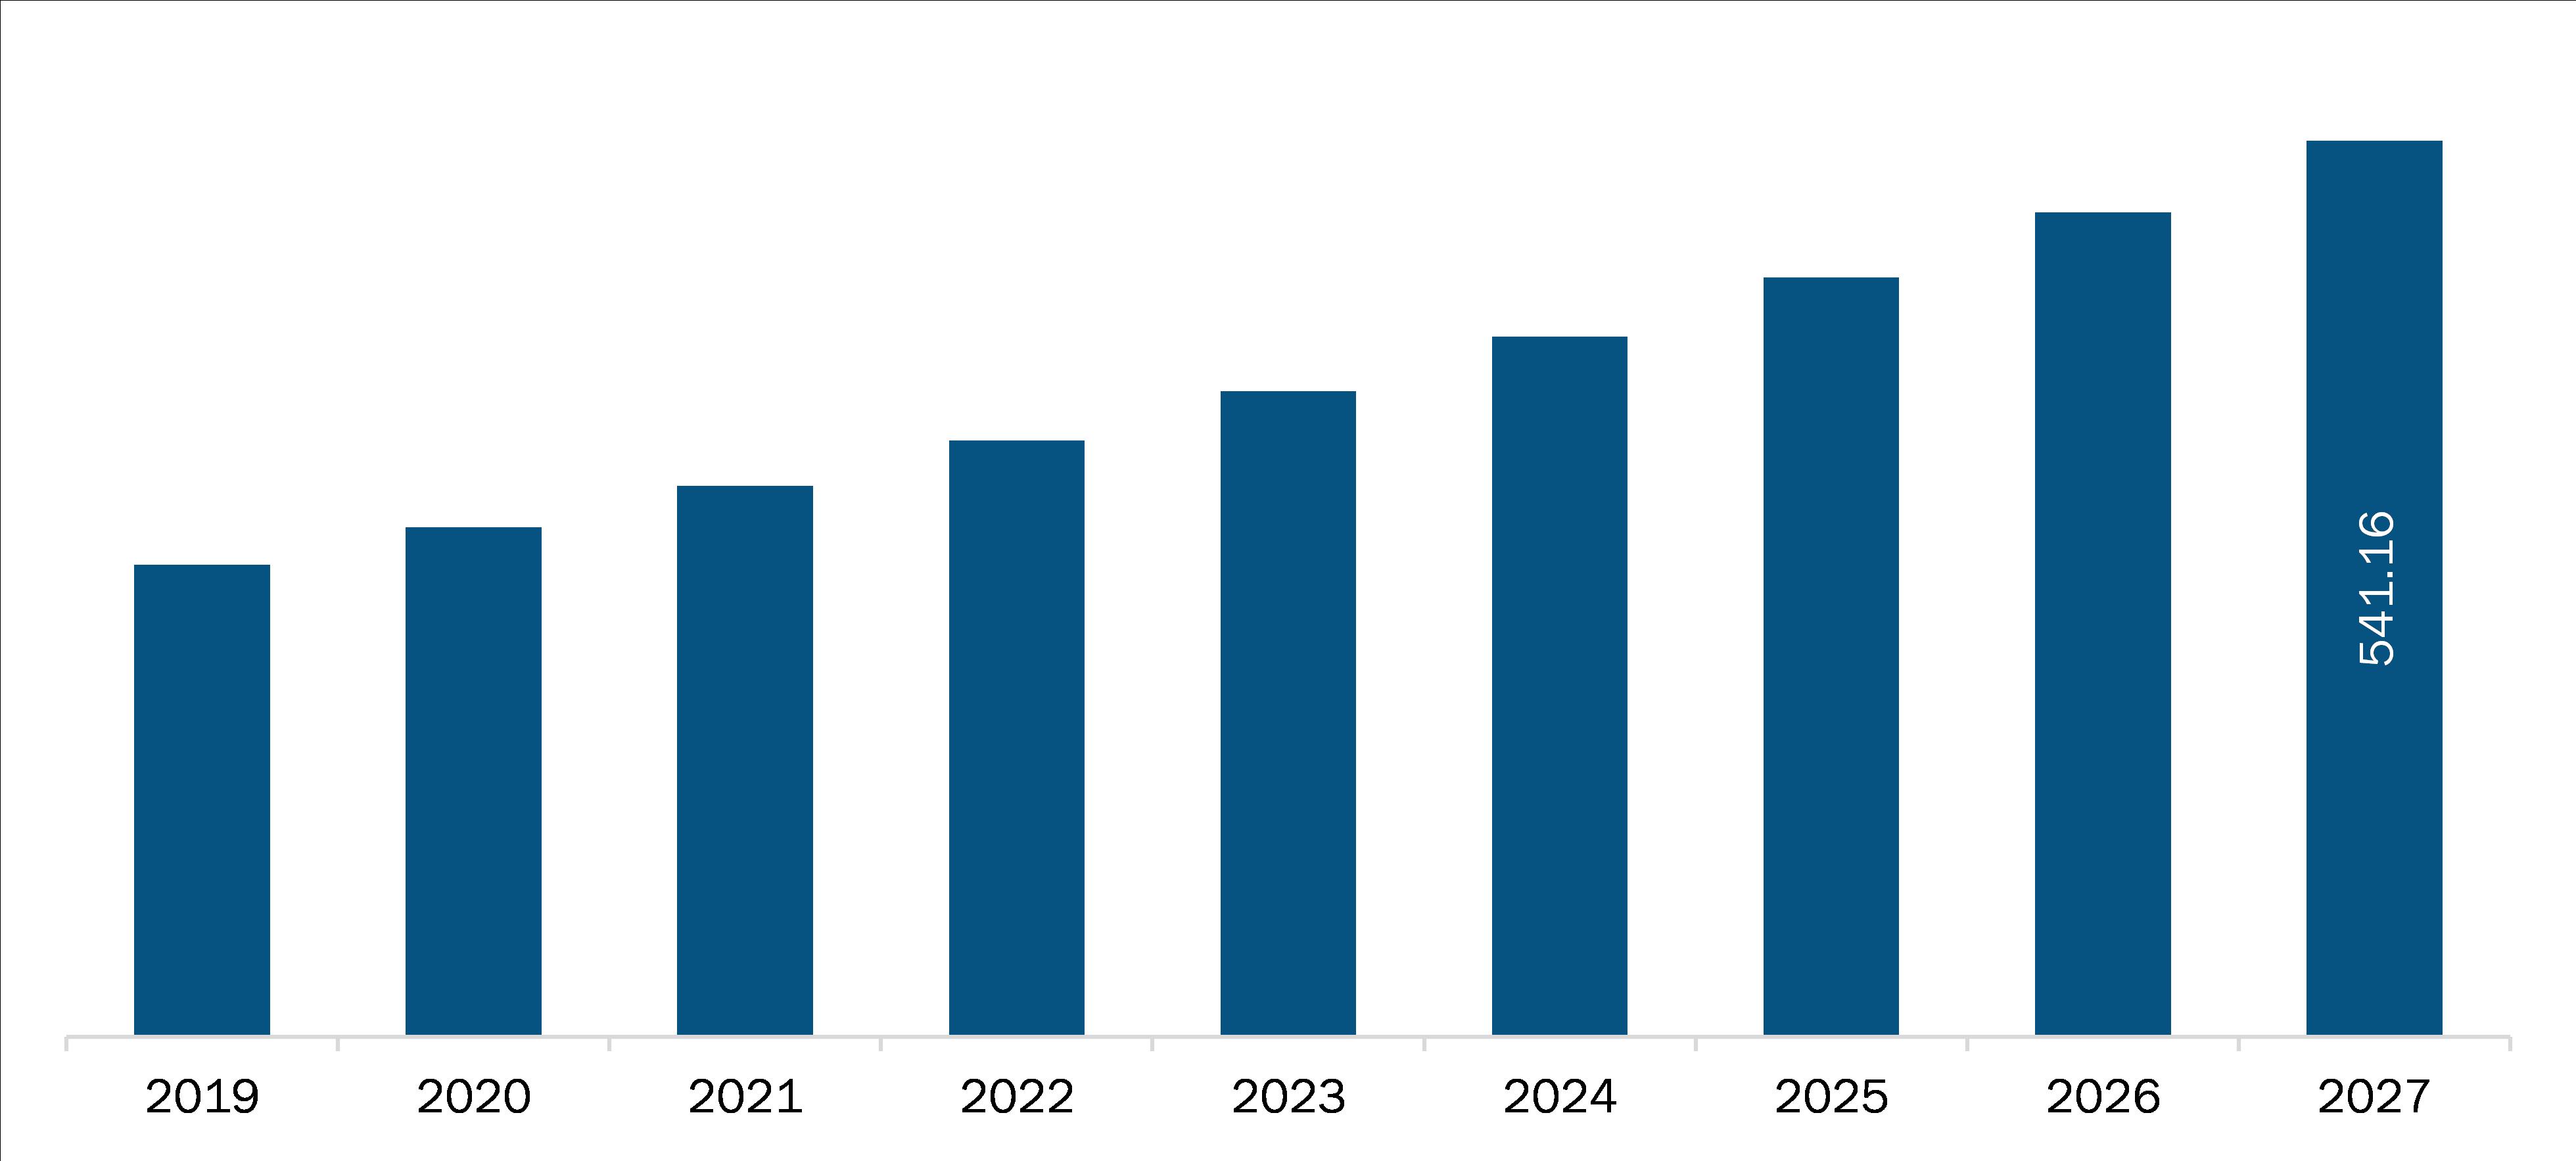 UK Chronic Cough Market Revenue and Forecast to 2027 (US$ Million)